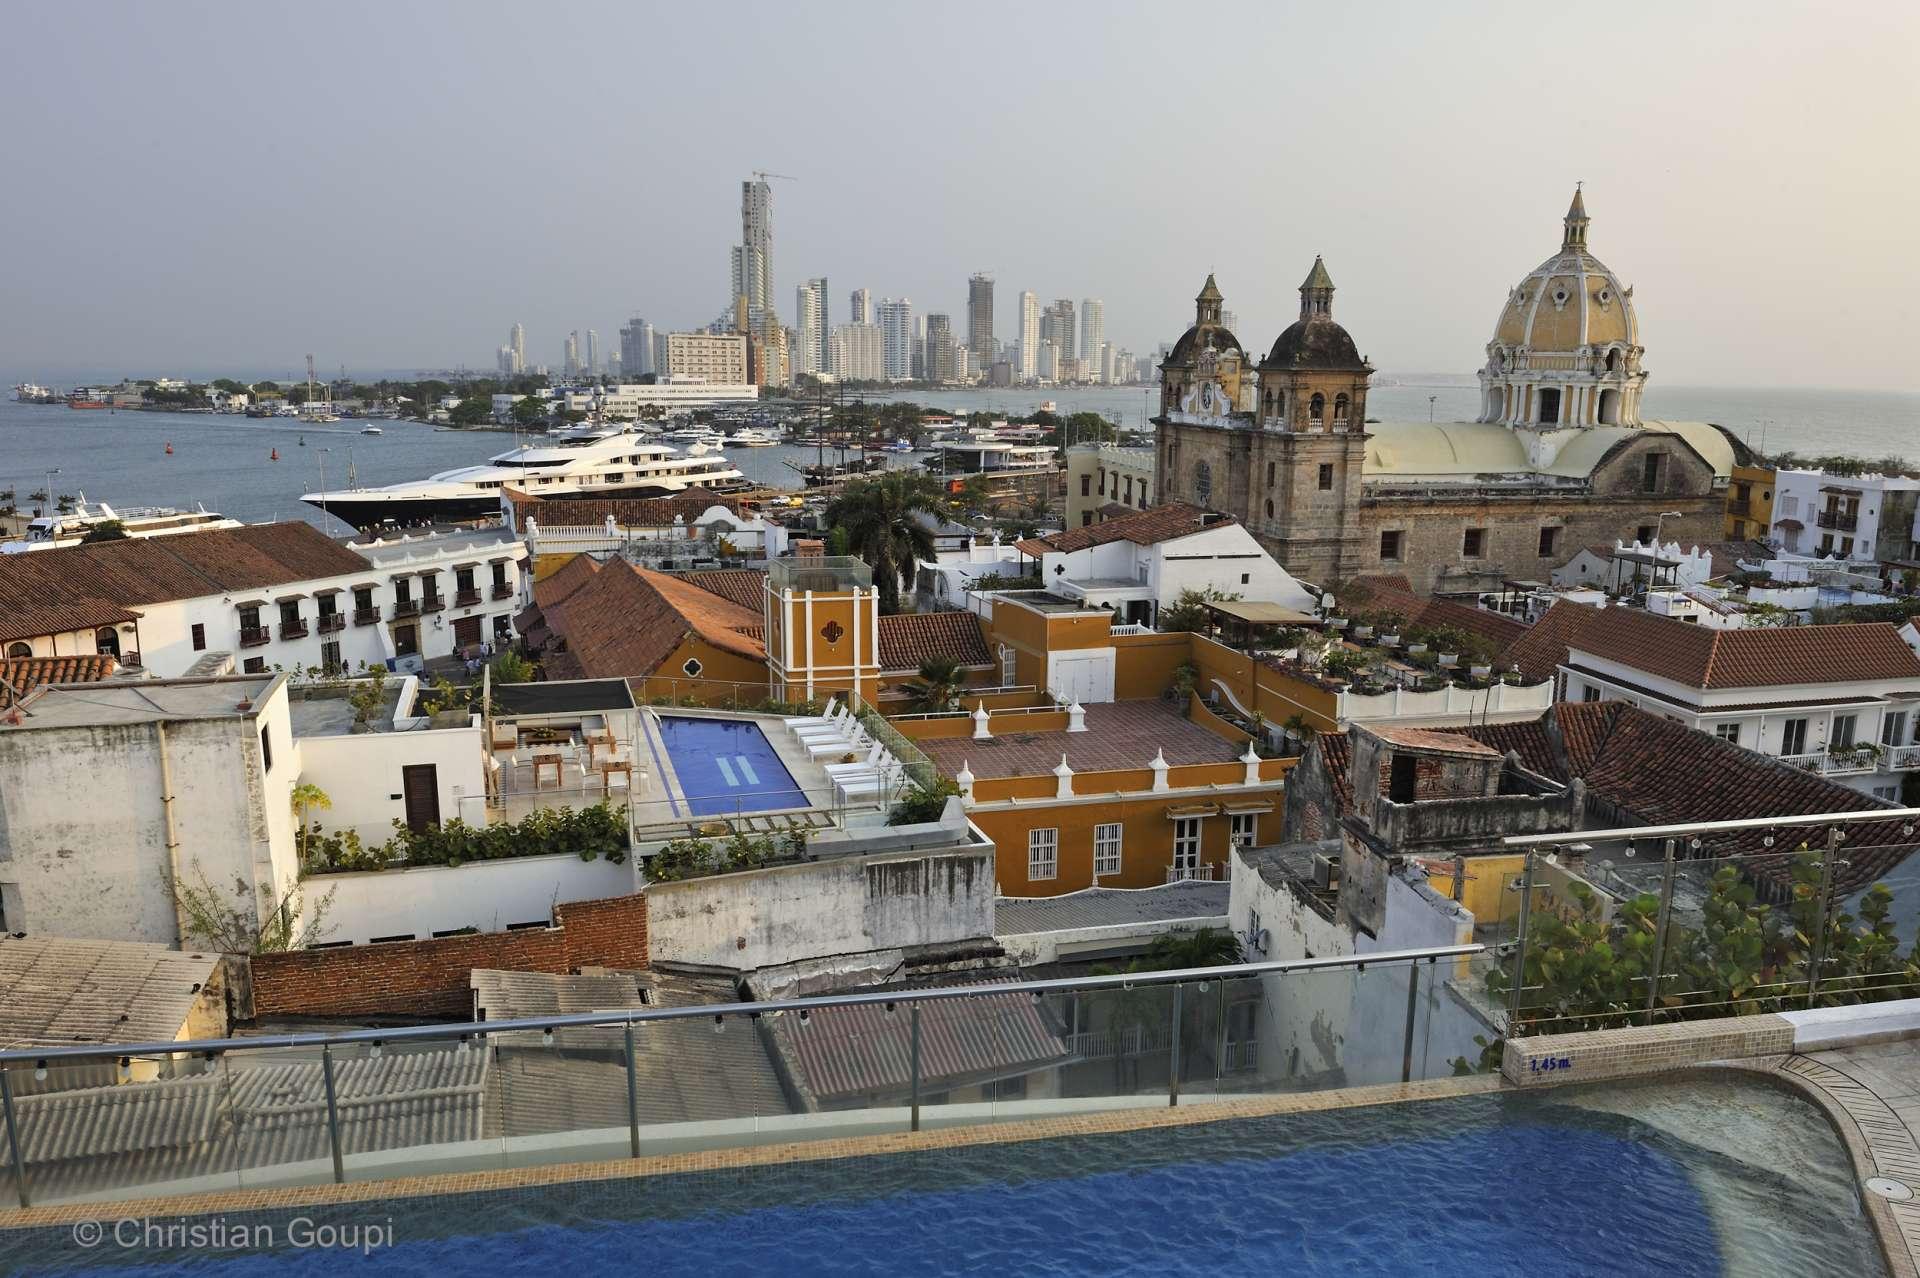 Colombie - Les toits de Carthagène et l'église San Pedro Claver